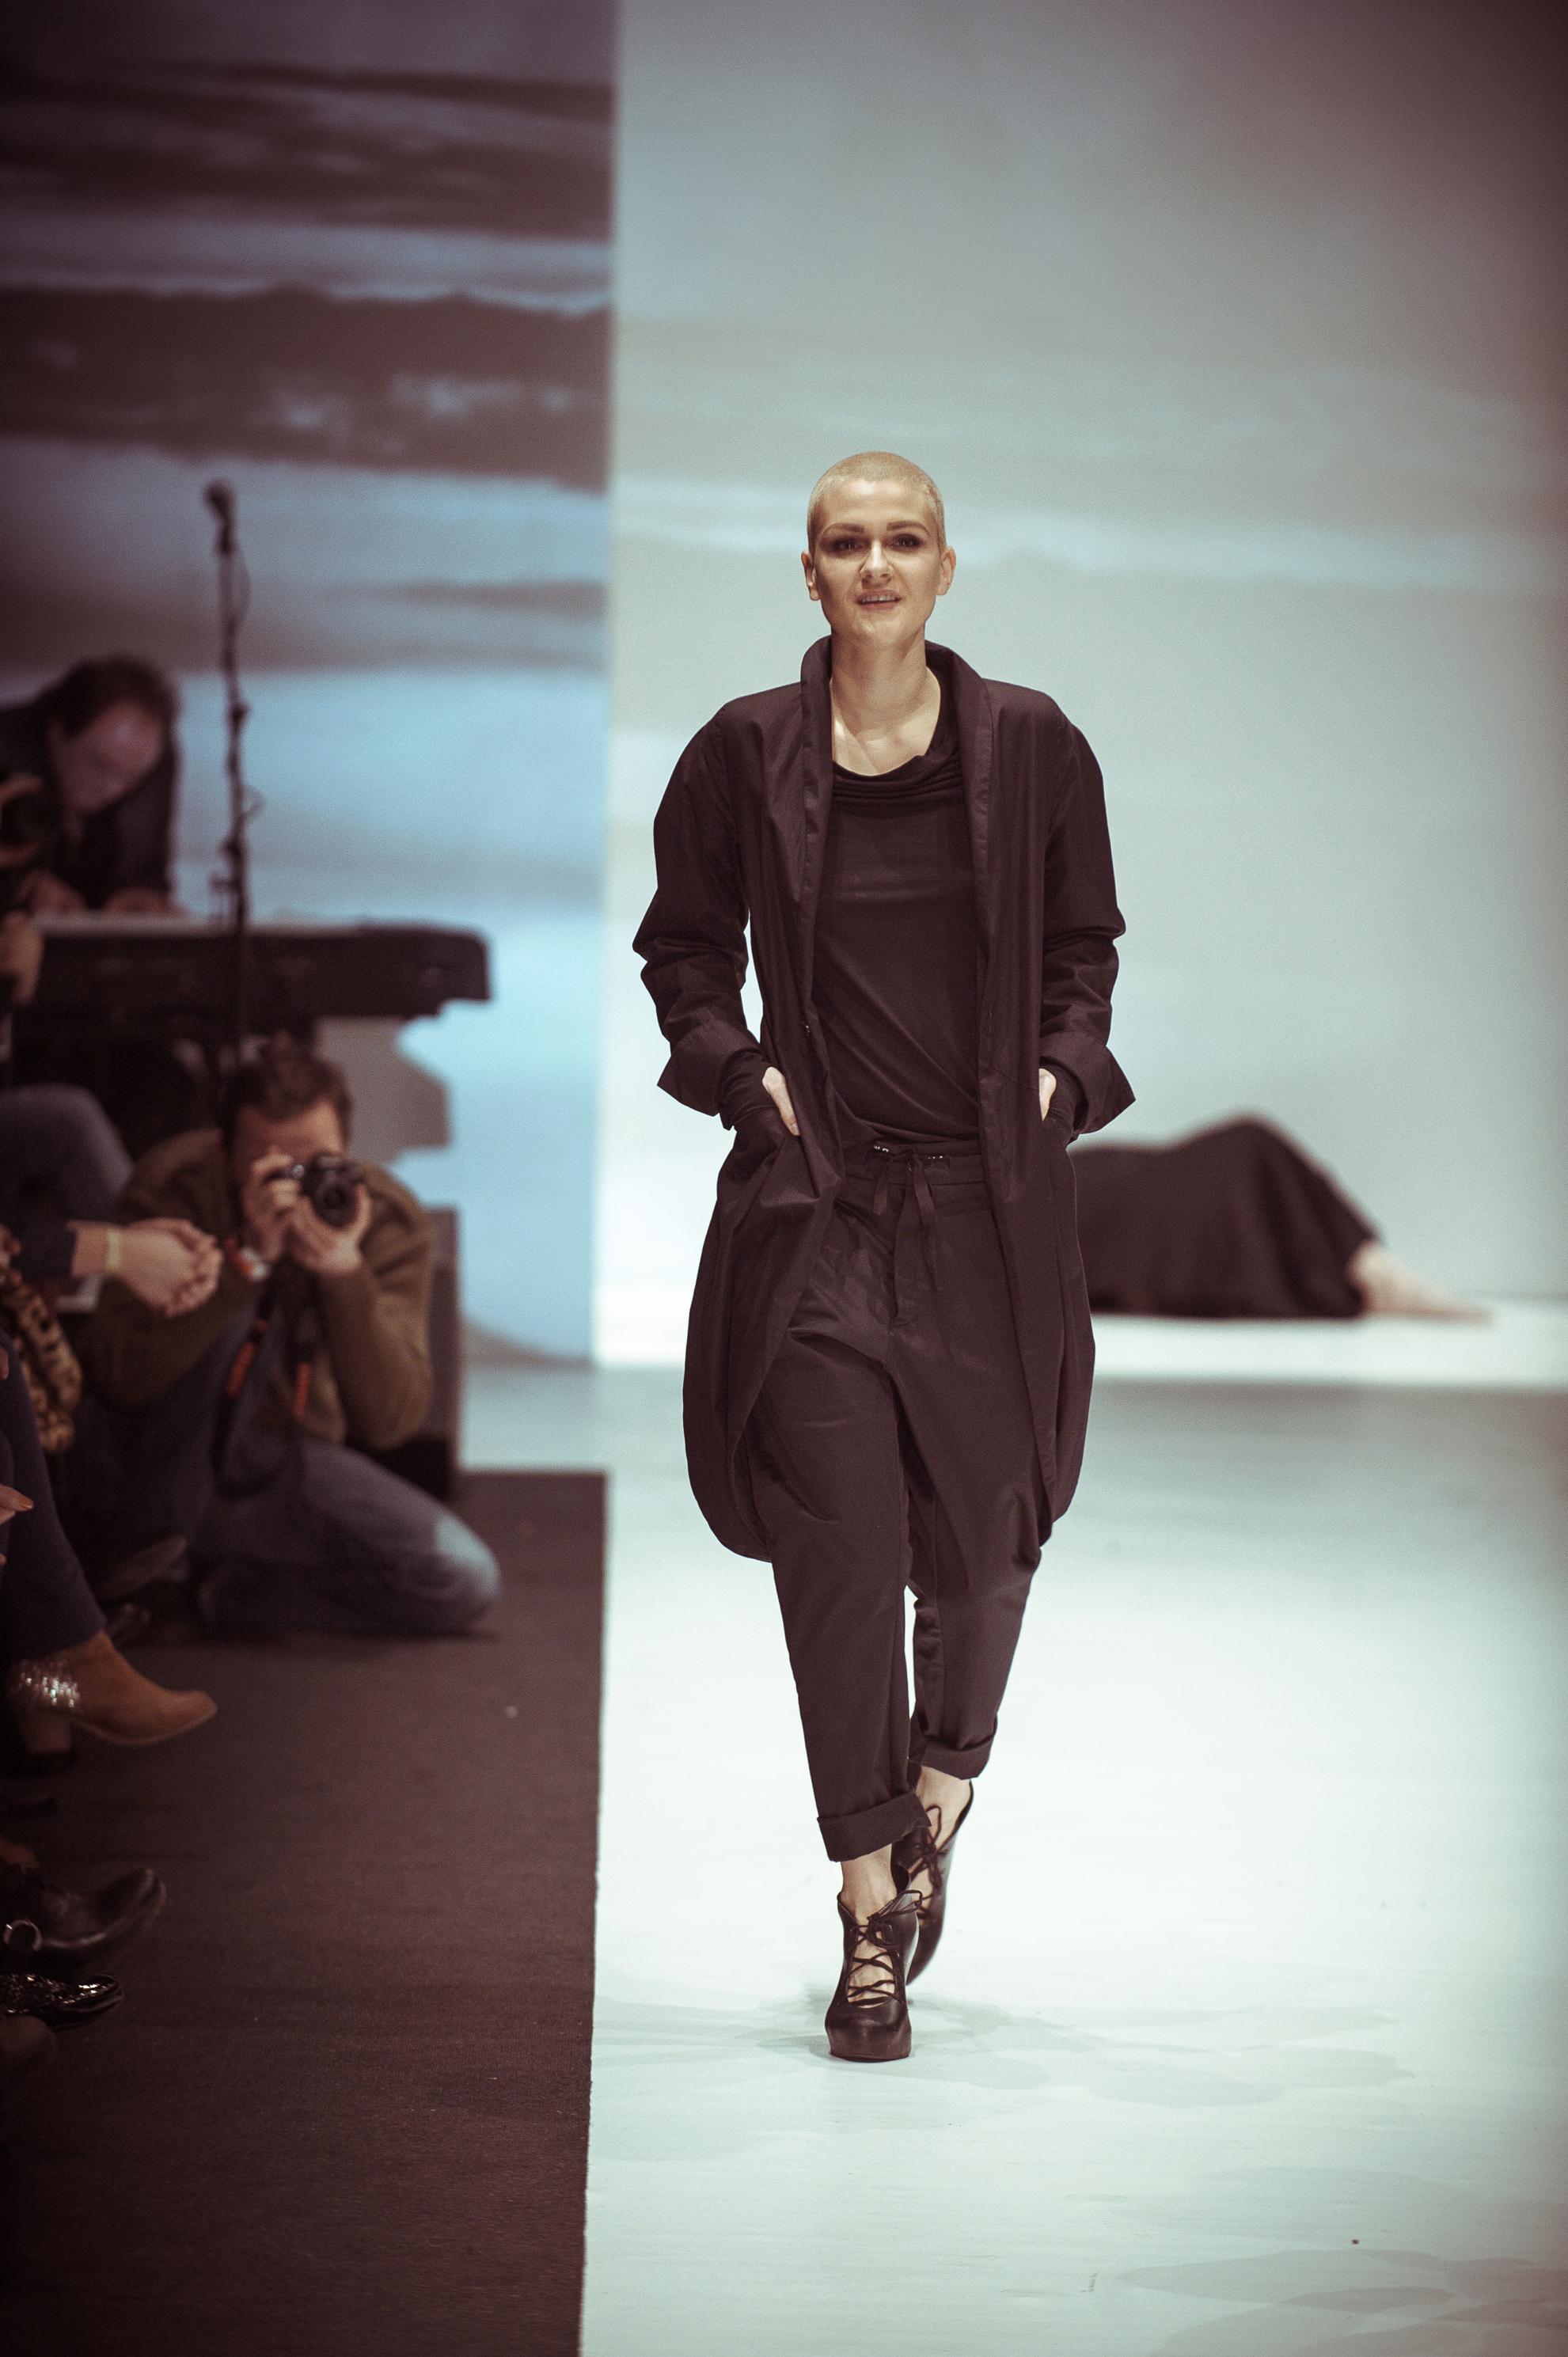 Zum Abschluss der UMASAN Show lief Gillion als Model